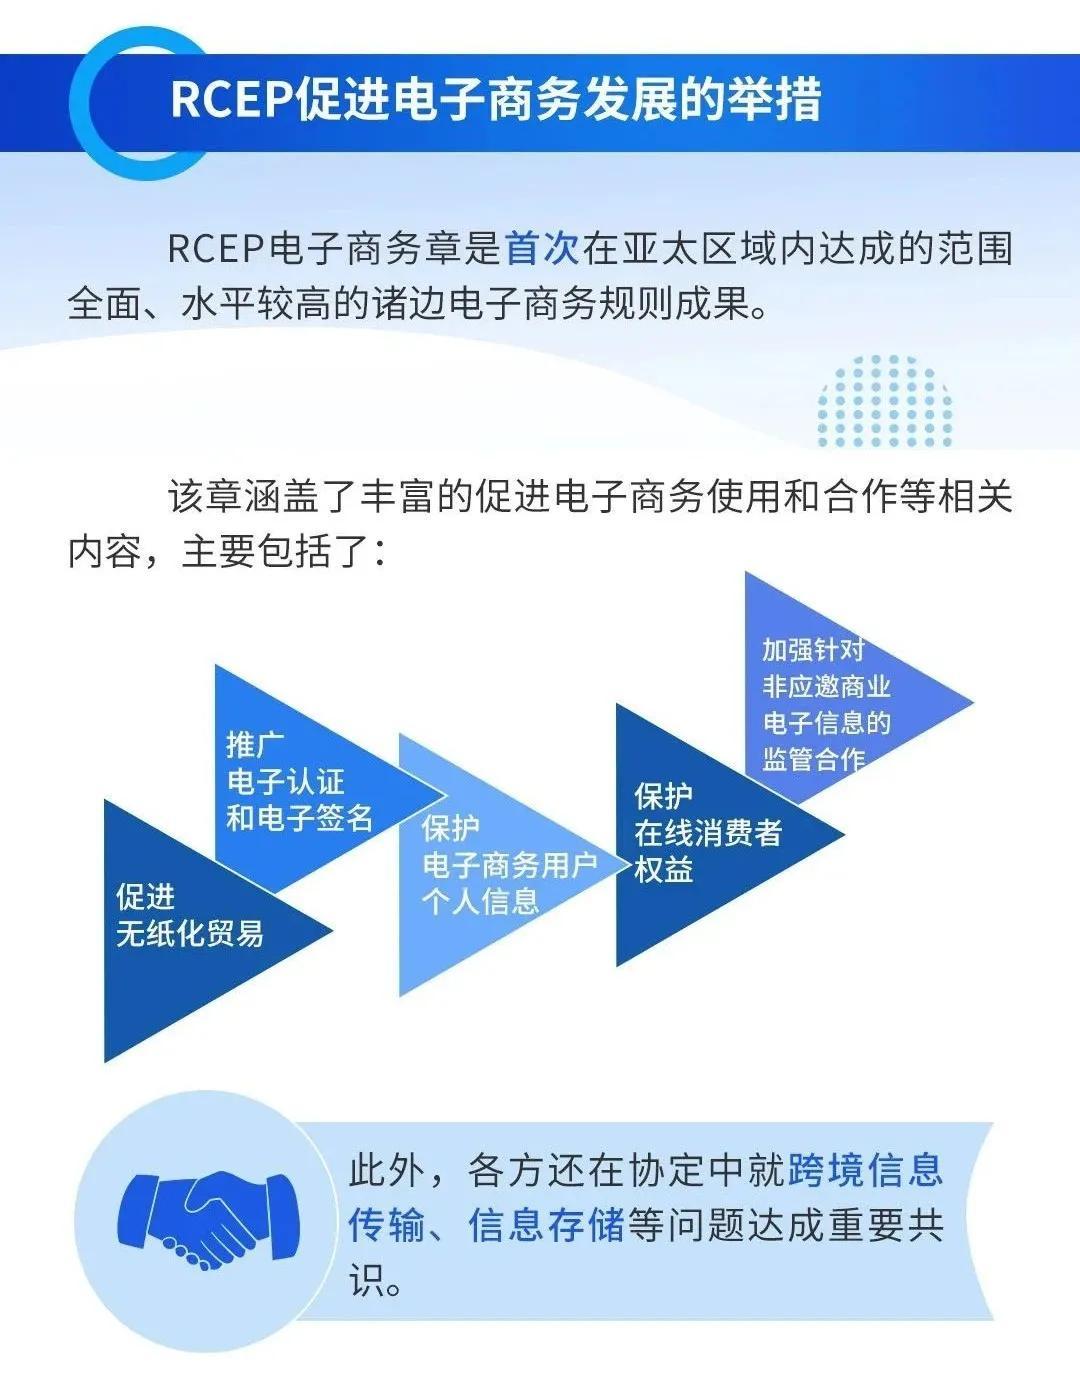 RCEP正式达成,商务部解读跨境电商重大利好!(图5)